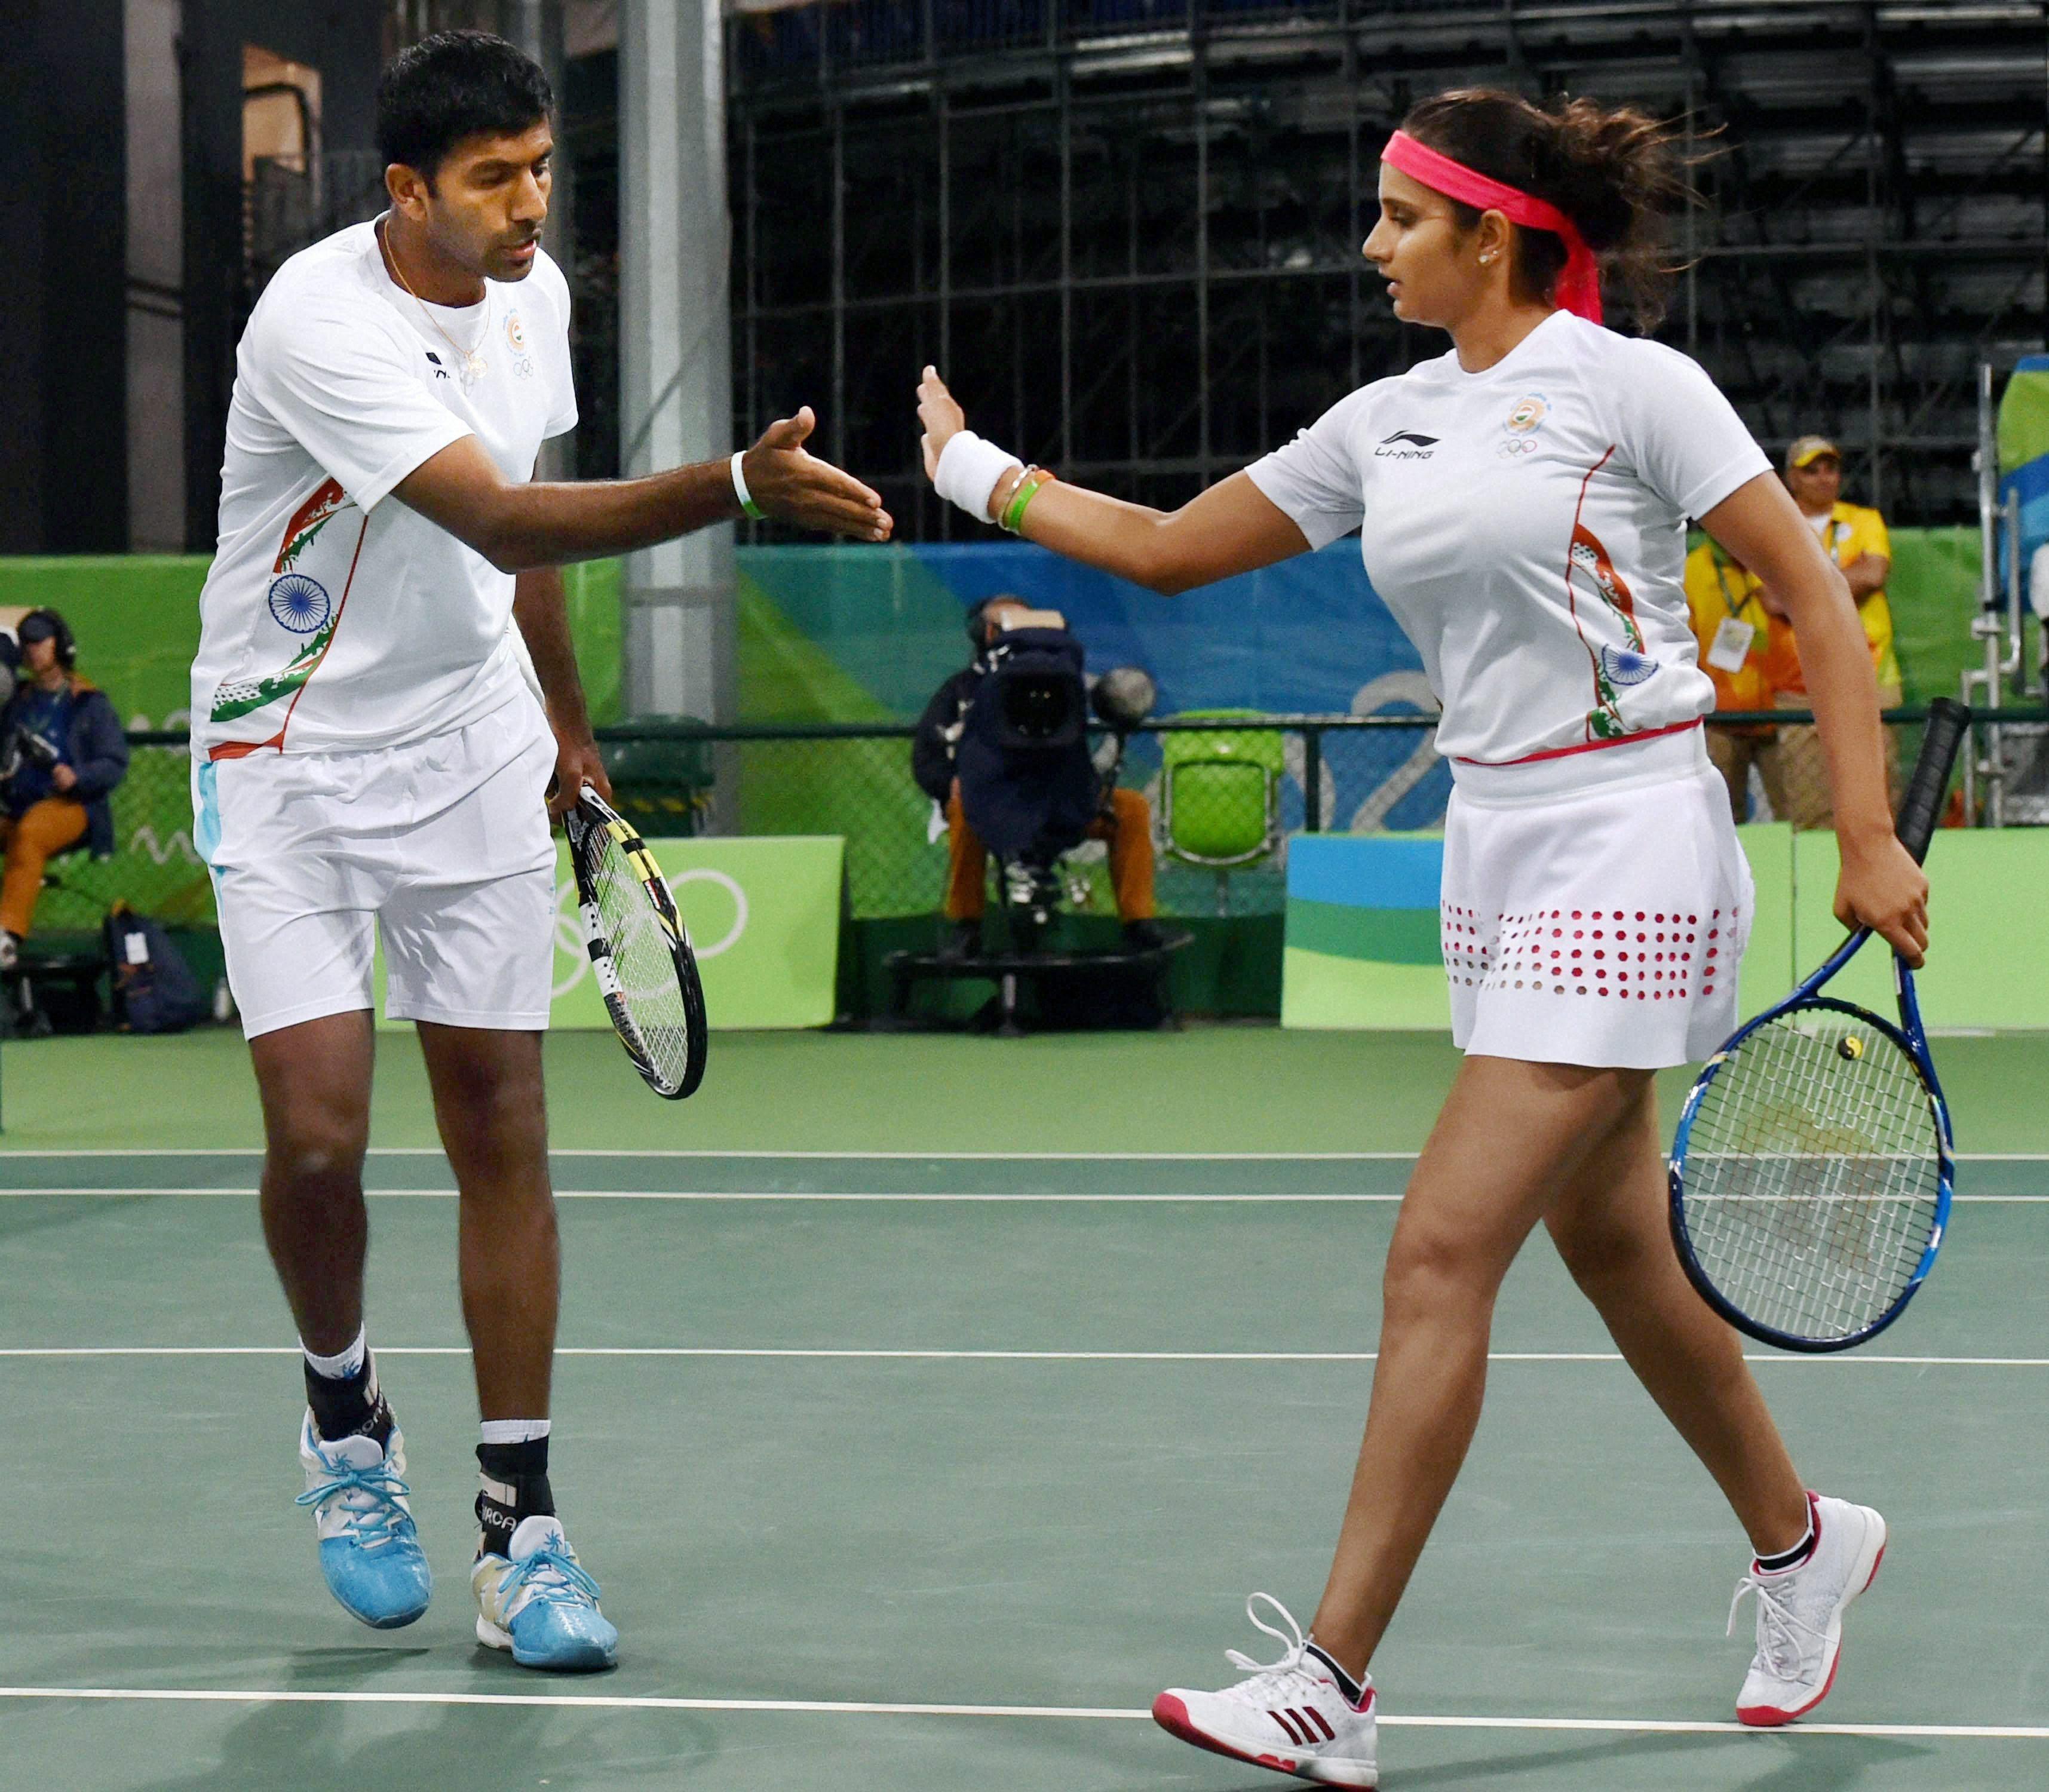 Photo : रियो 2016: भारत के पदक की उम्मीद बढ़ी, सानिया- बोपन्ना की जोड़ी सेमीफाइनल में